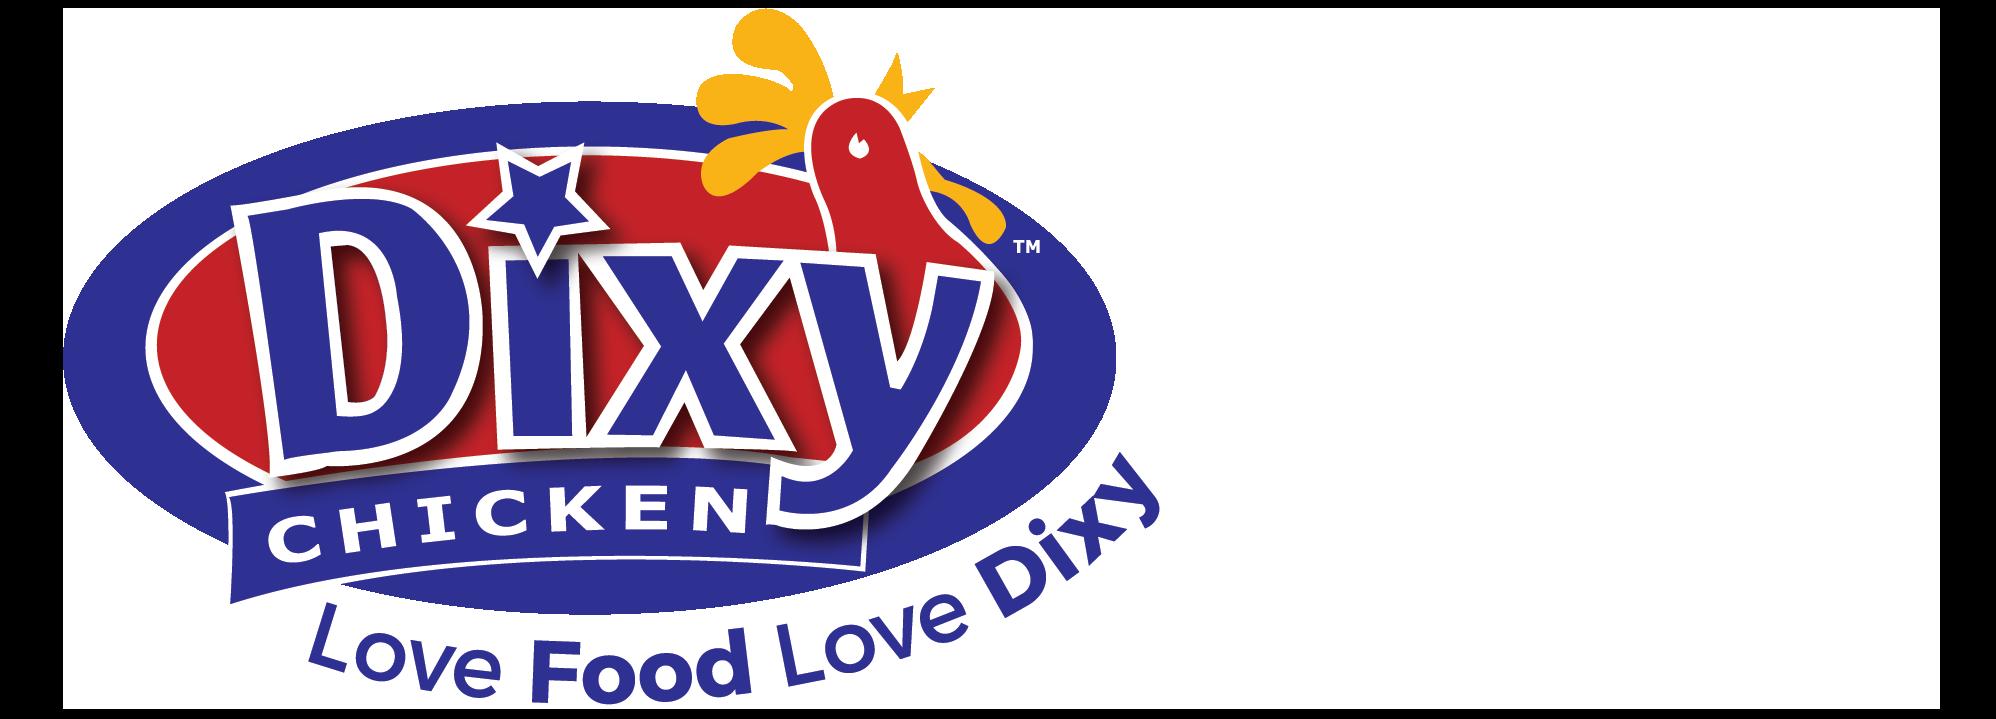 Dixy Chicken Whitley Logo